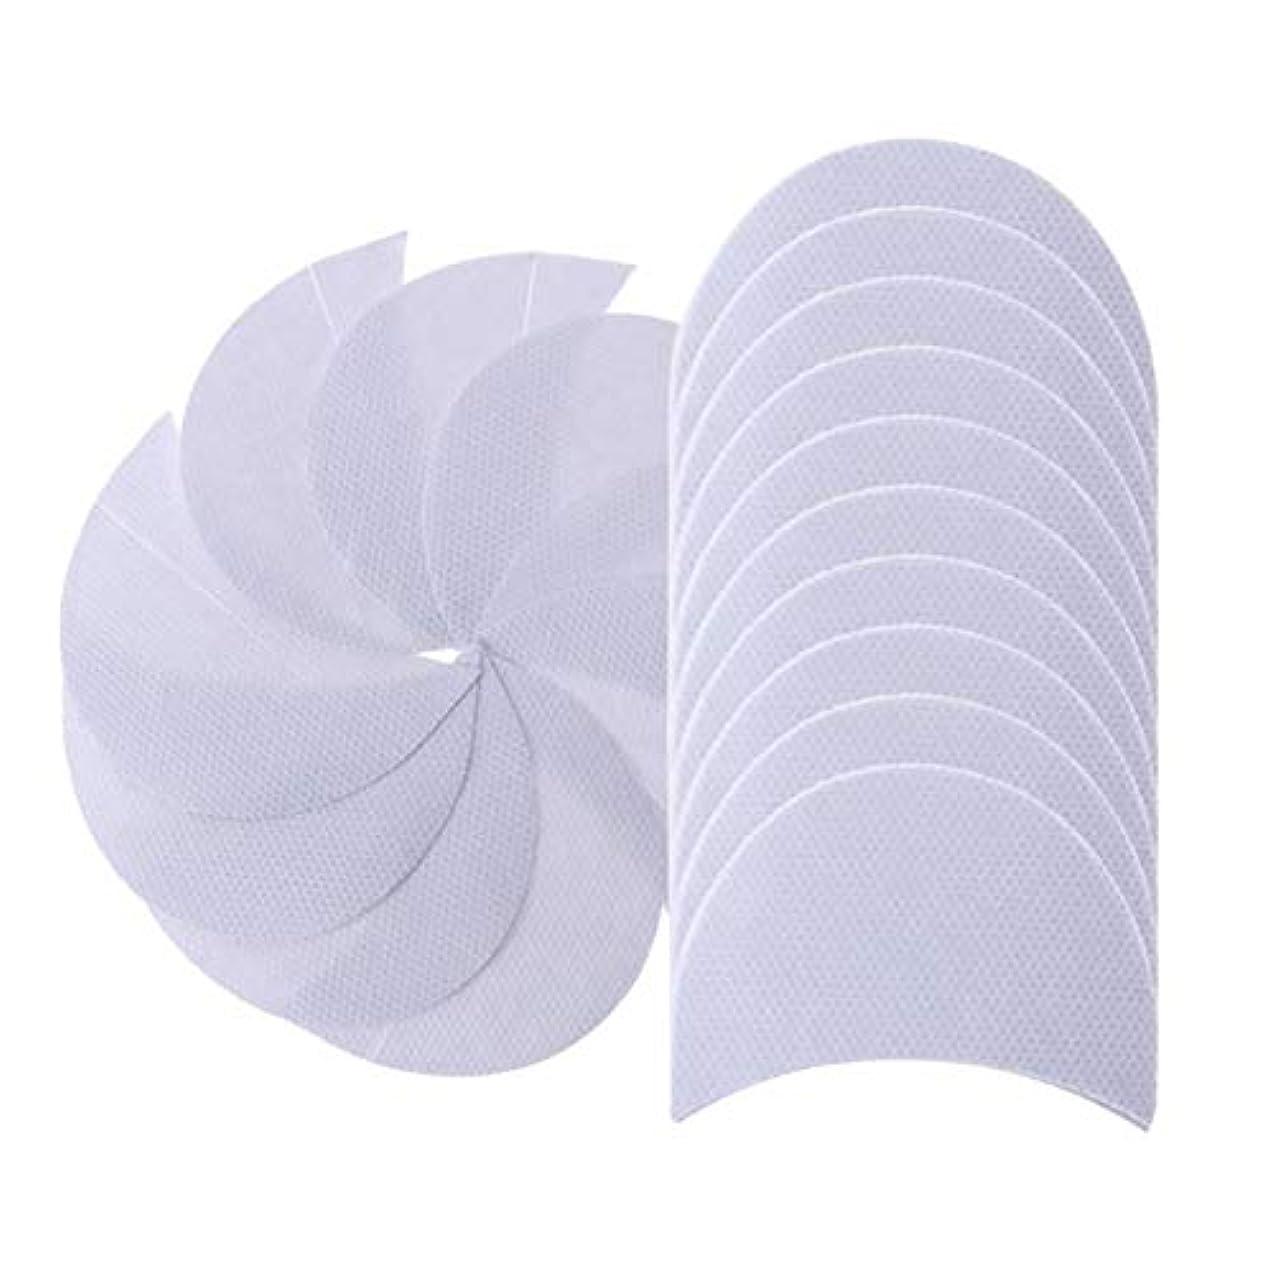 楽観的民間回路目のアイシャドウのまつげエクステンションで50sheetパッドダストは、毎日使用するためシールズ唇メイクのプロのメイクアップアイシャドウ印刷テンプレートマスク